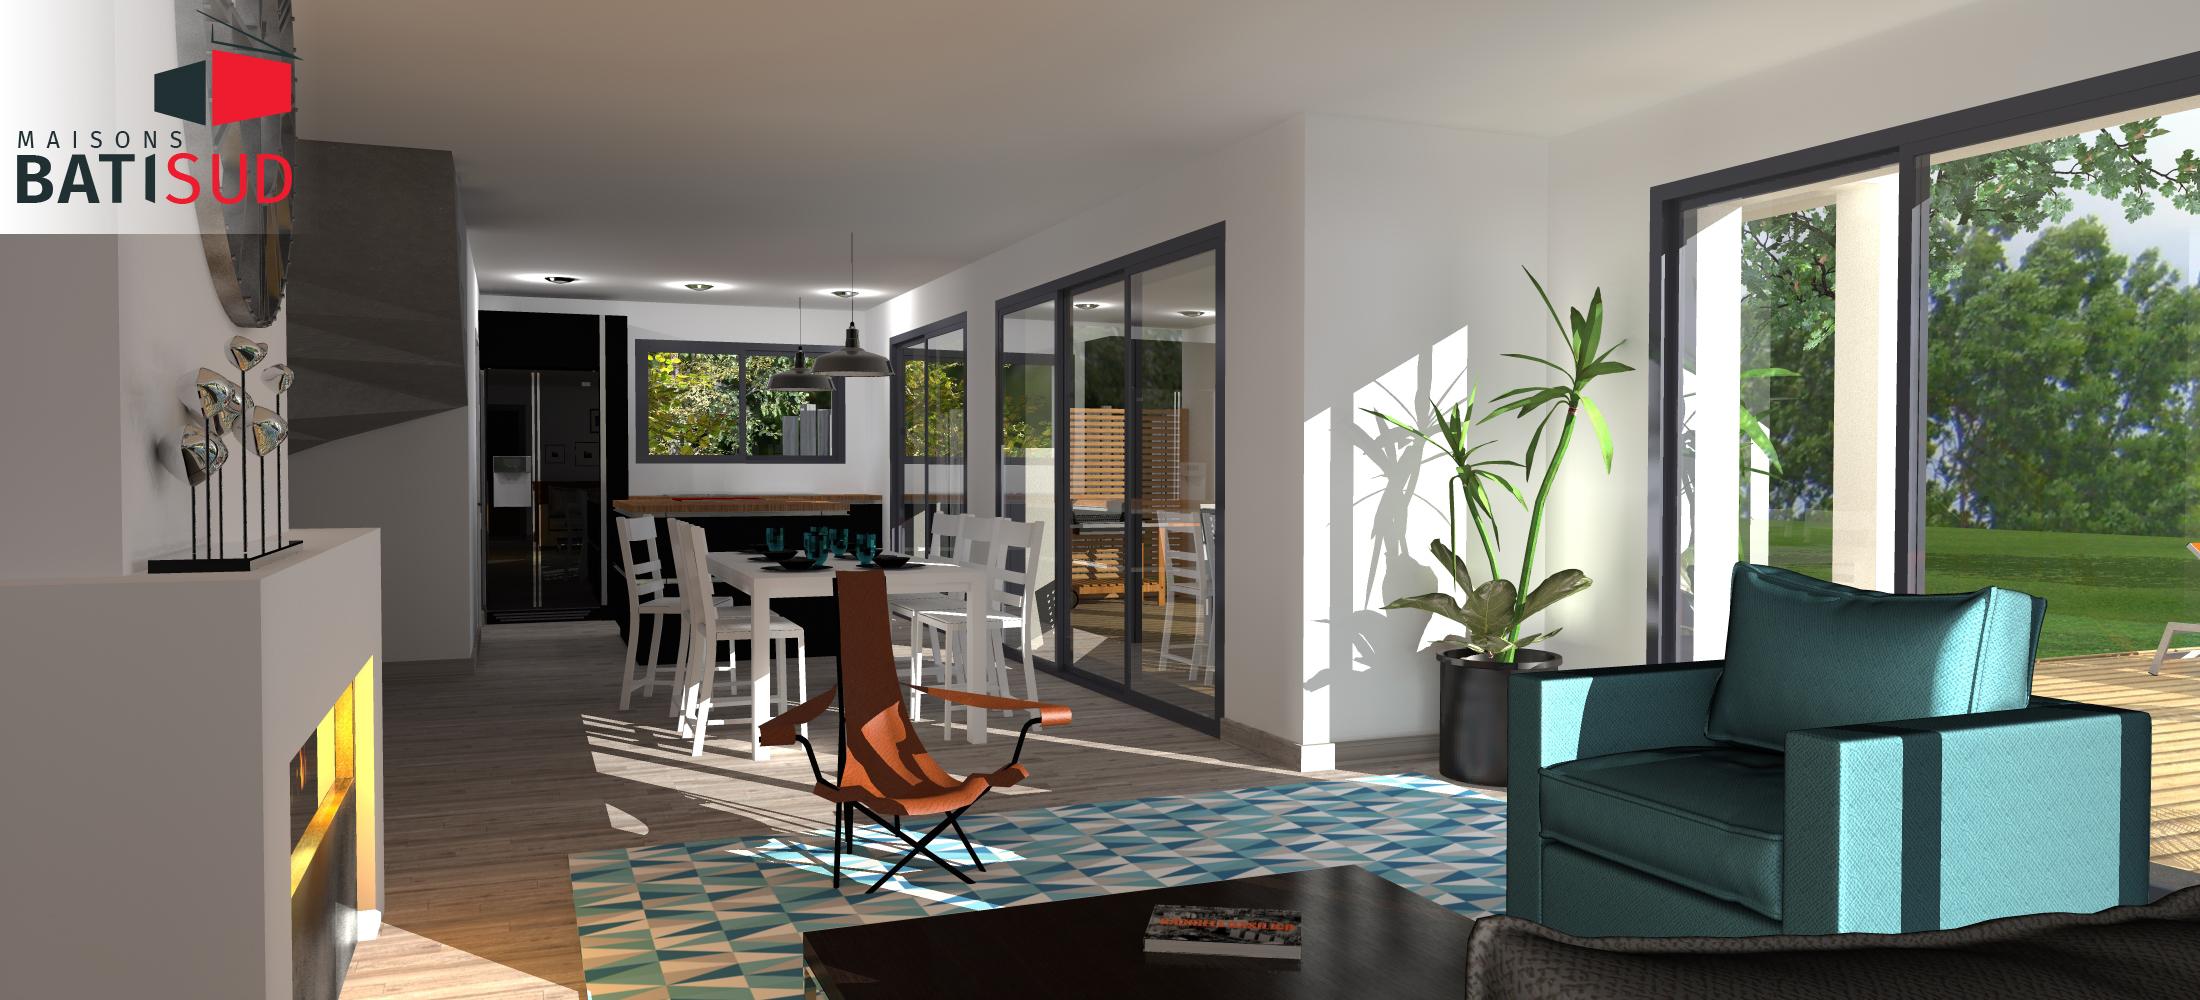 Maisons Bâti Sud : Nouvelle maison contemporaine à La-Teste-de-Buch - 3